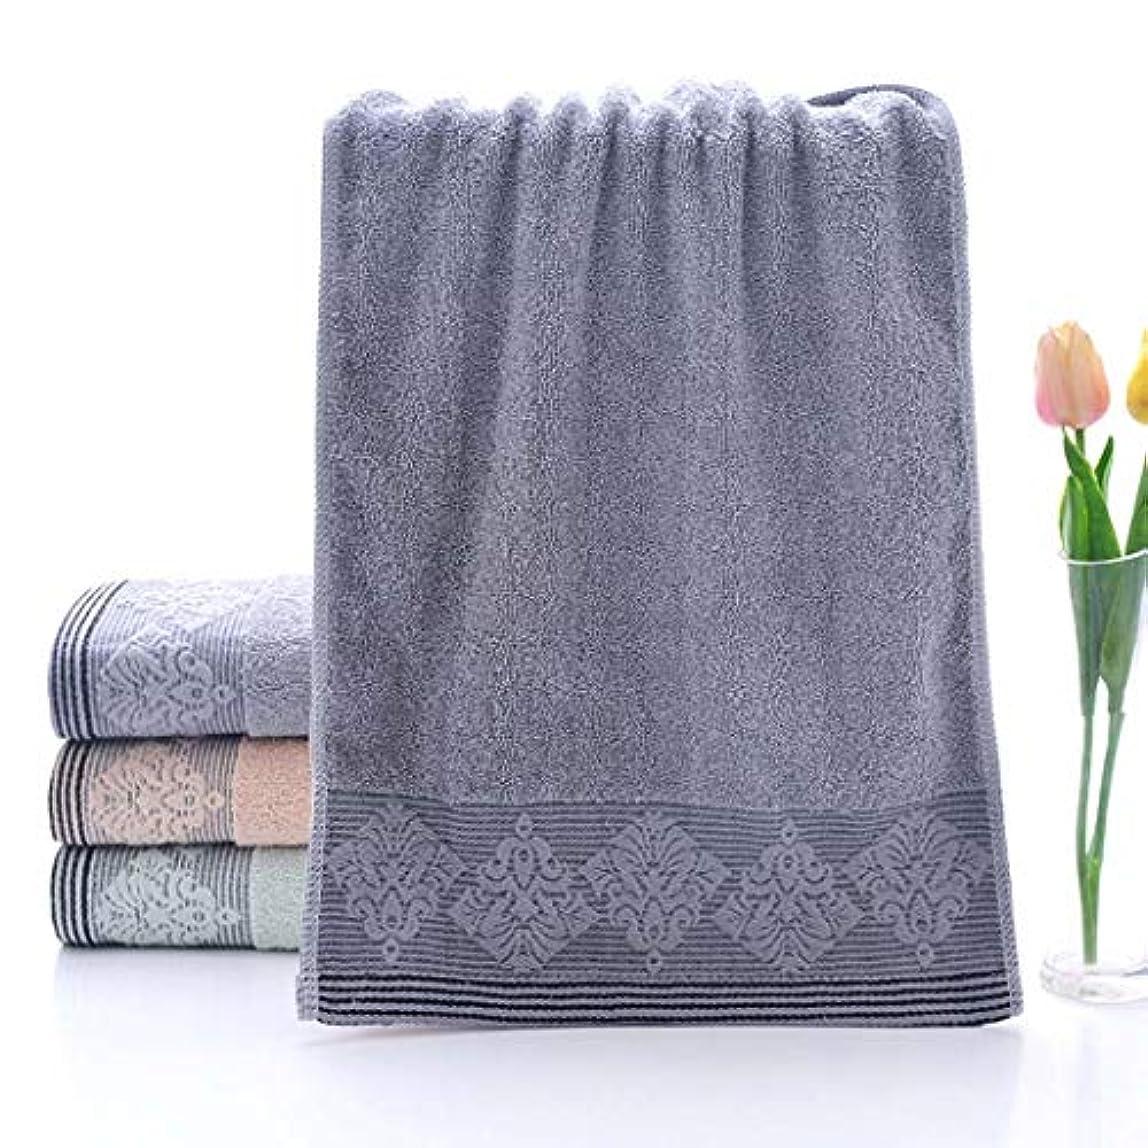 昇進洪水独特の綿のタオルの速い乾燥したタオルのスポーツタオルの容易な心配,Gray,33*73cm